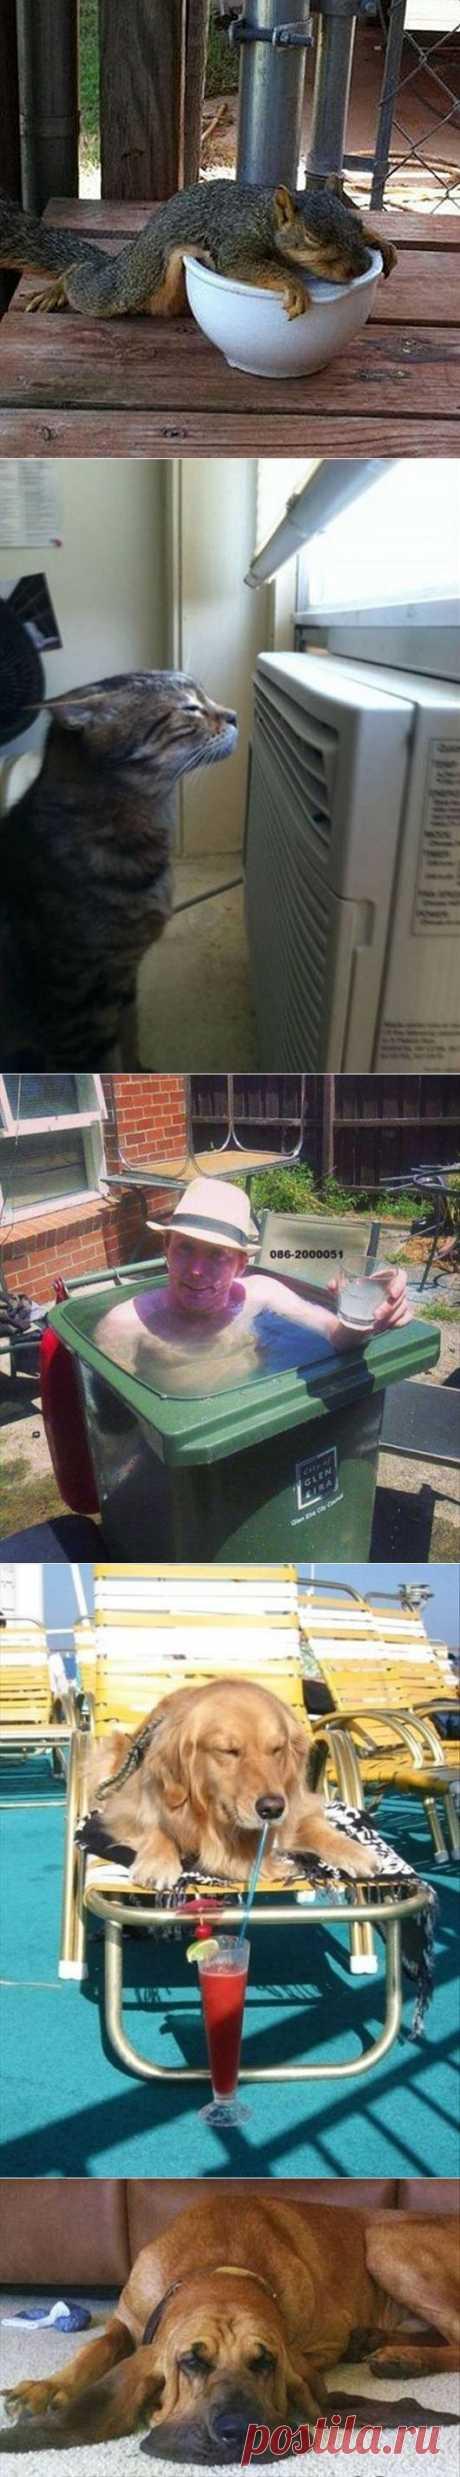 Летняя жара в смешных фотографиях...